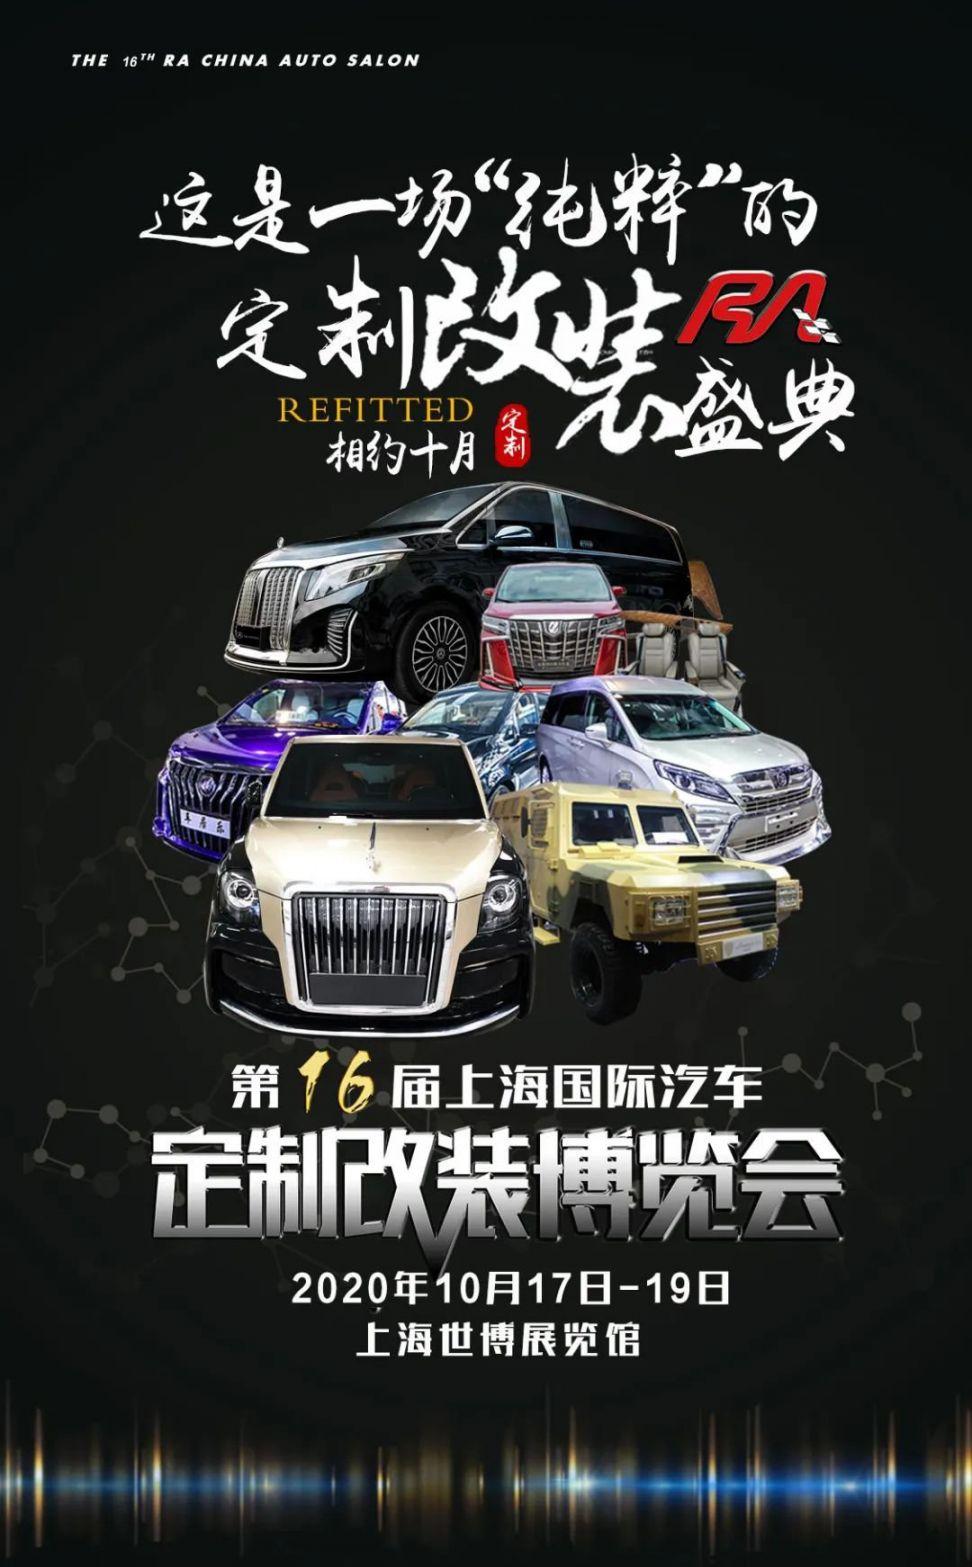 上海RA改装车展地址 交通指南